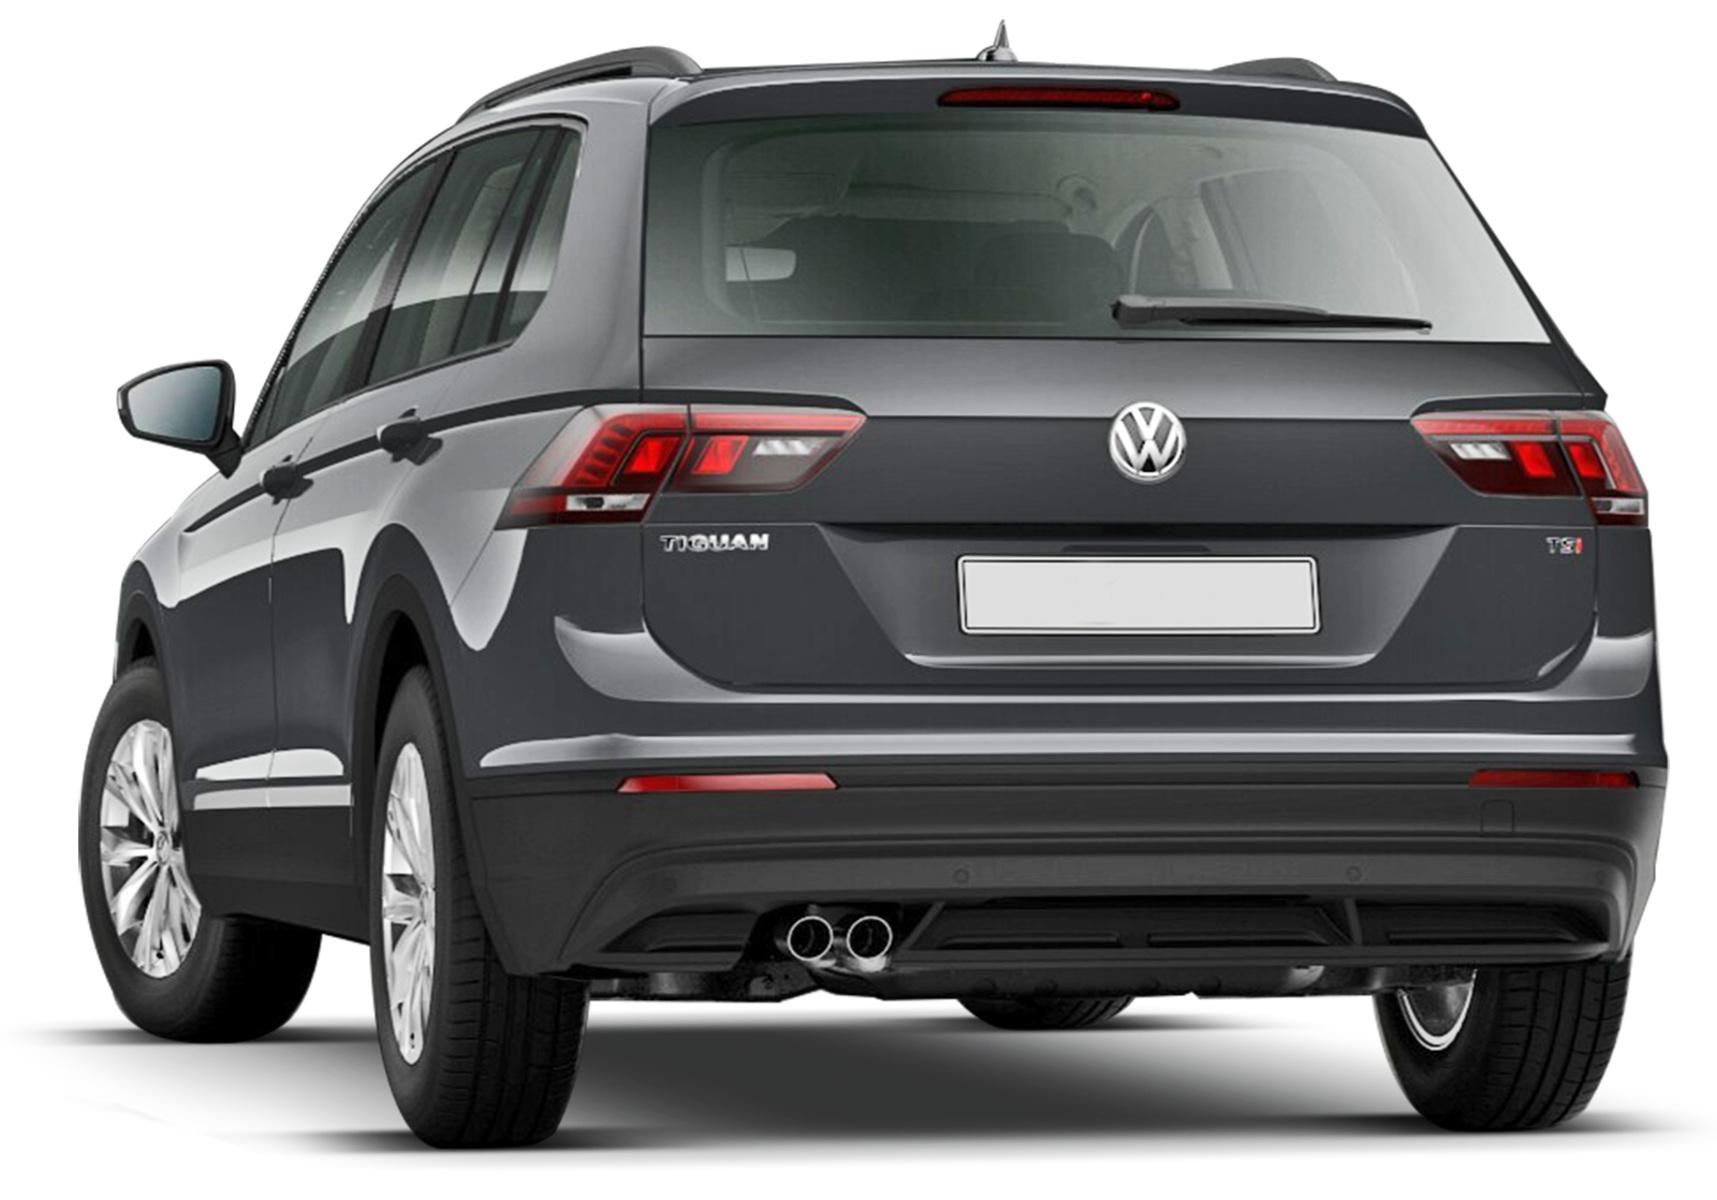 Listino volkswagen tiguan prezzo scheda tecnica for Prezzo del ferro vecchio al kg